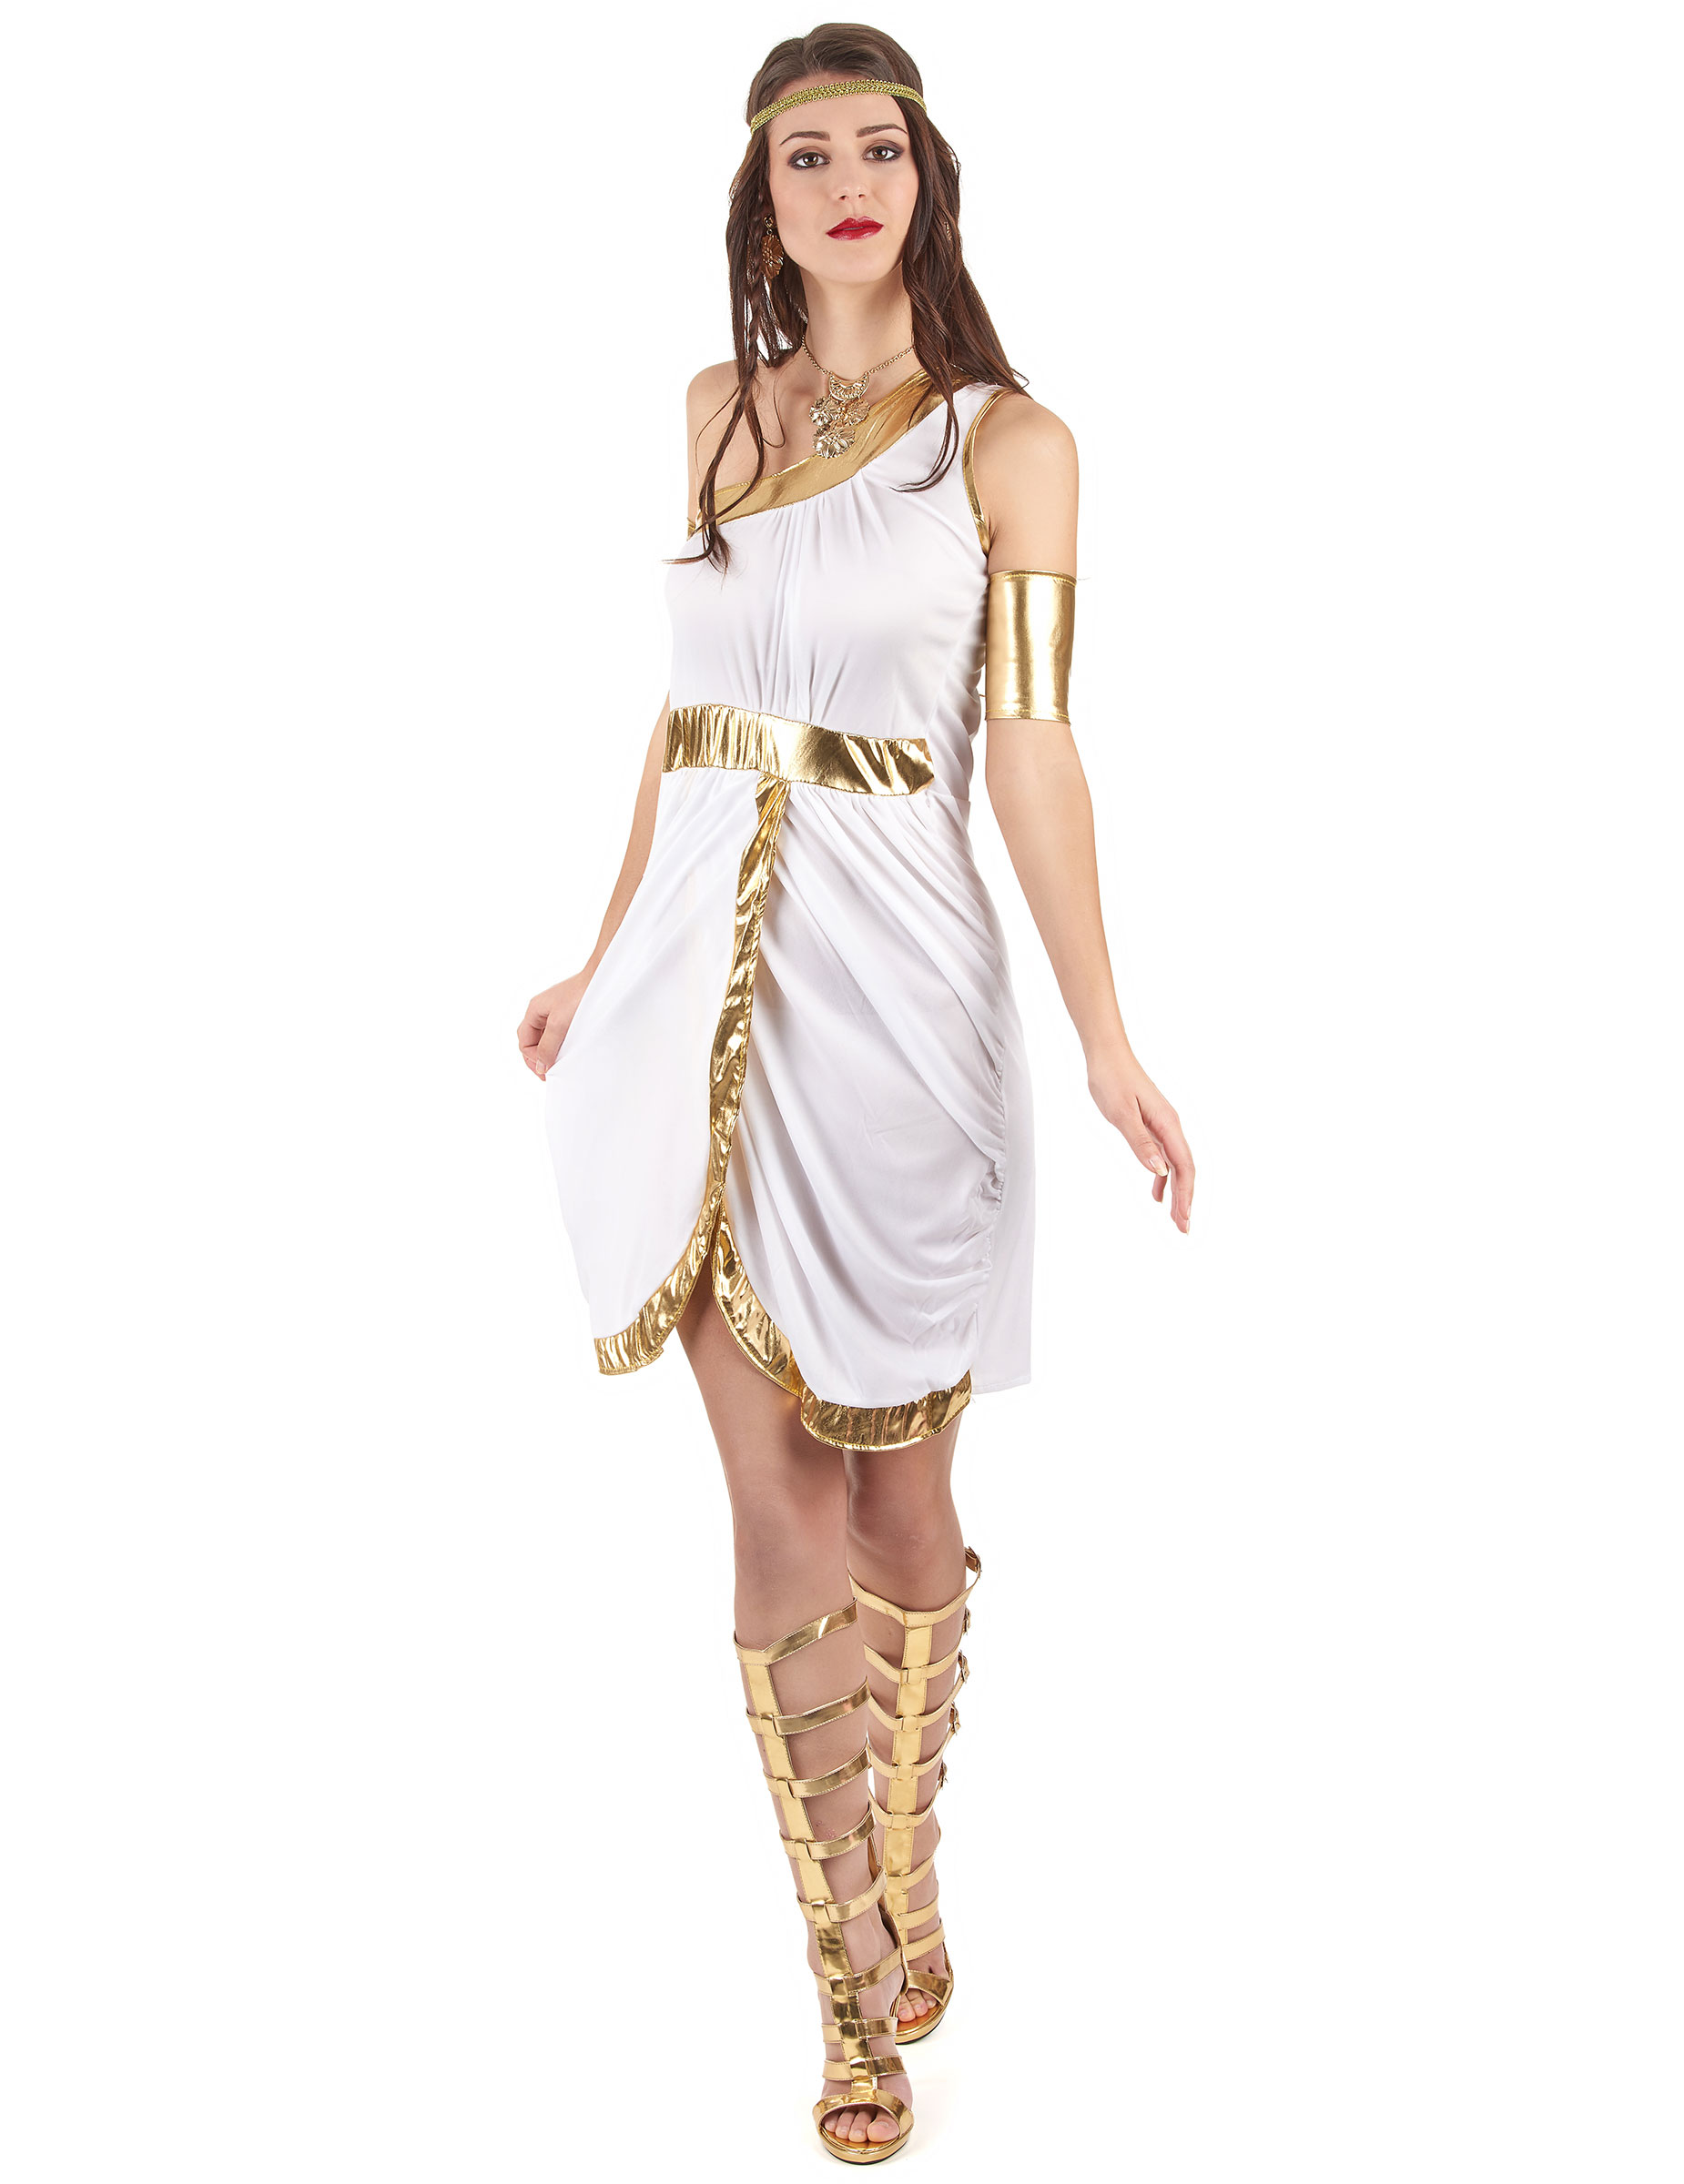 f493639afe63 Græsk gudinde kostume